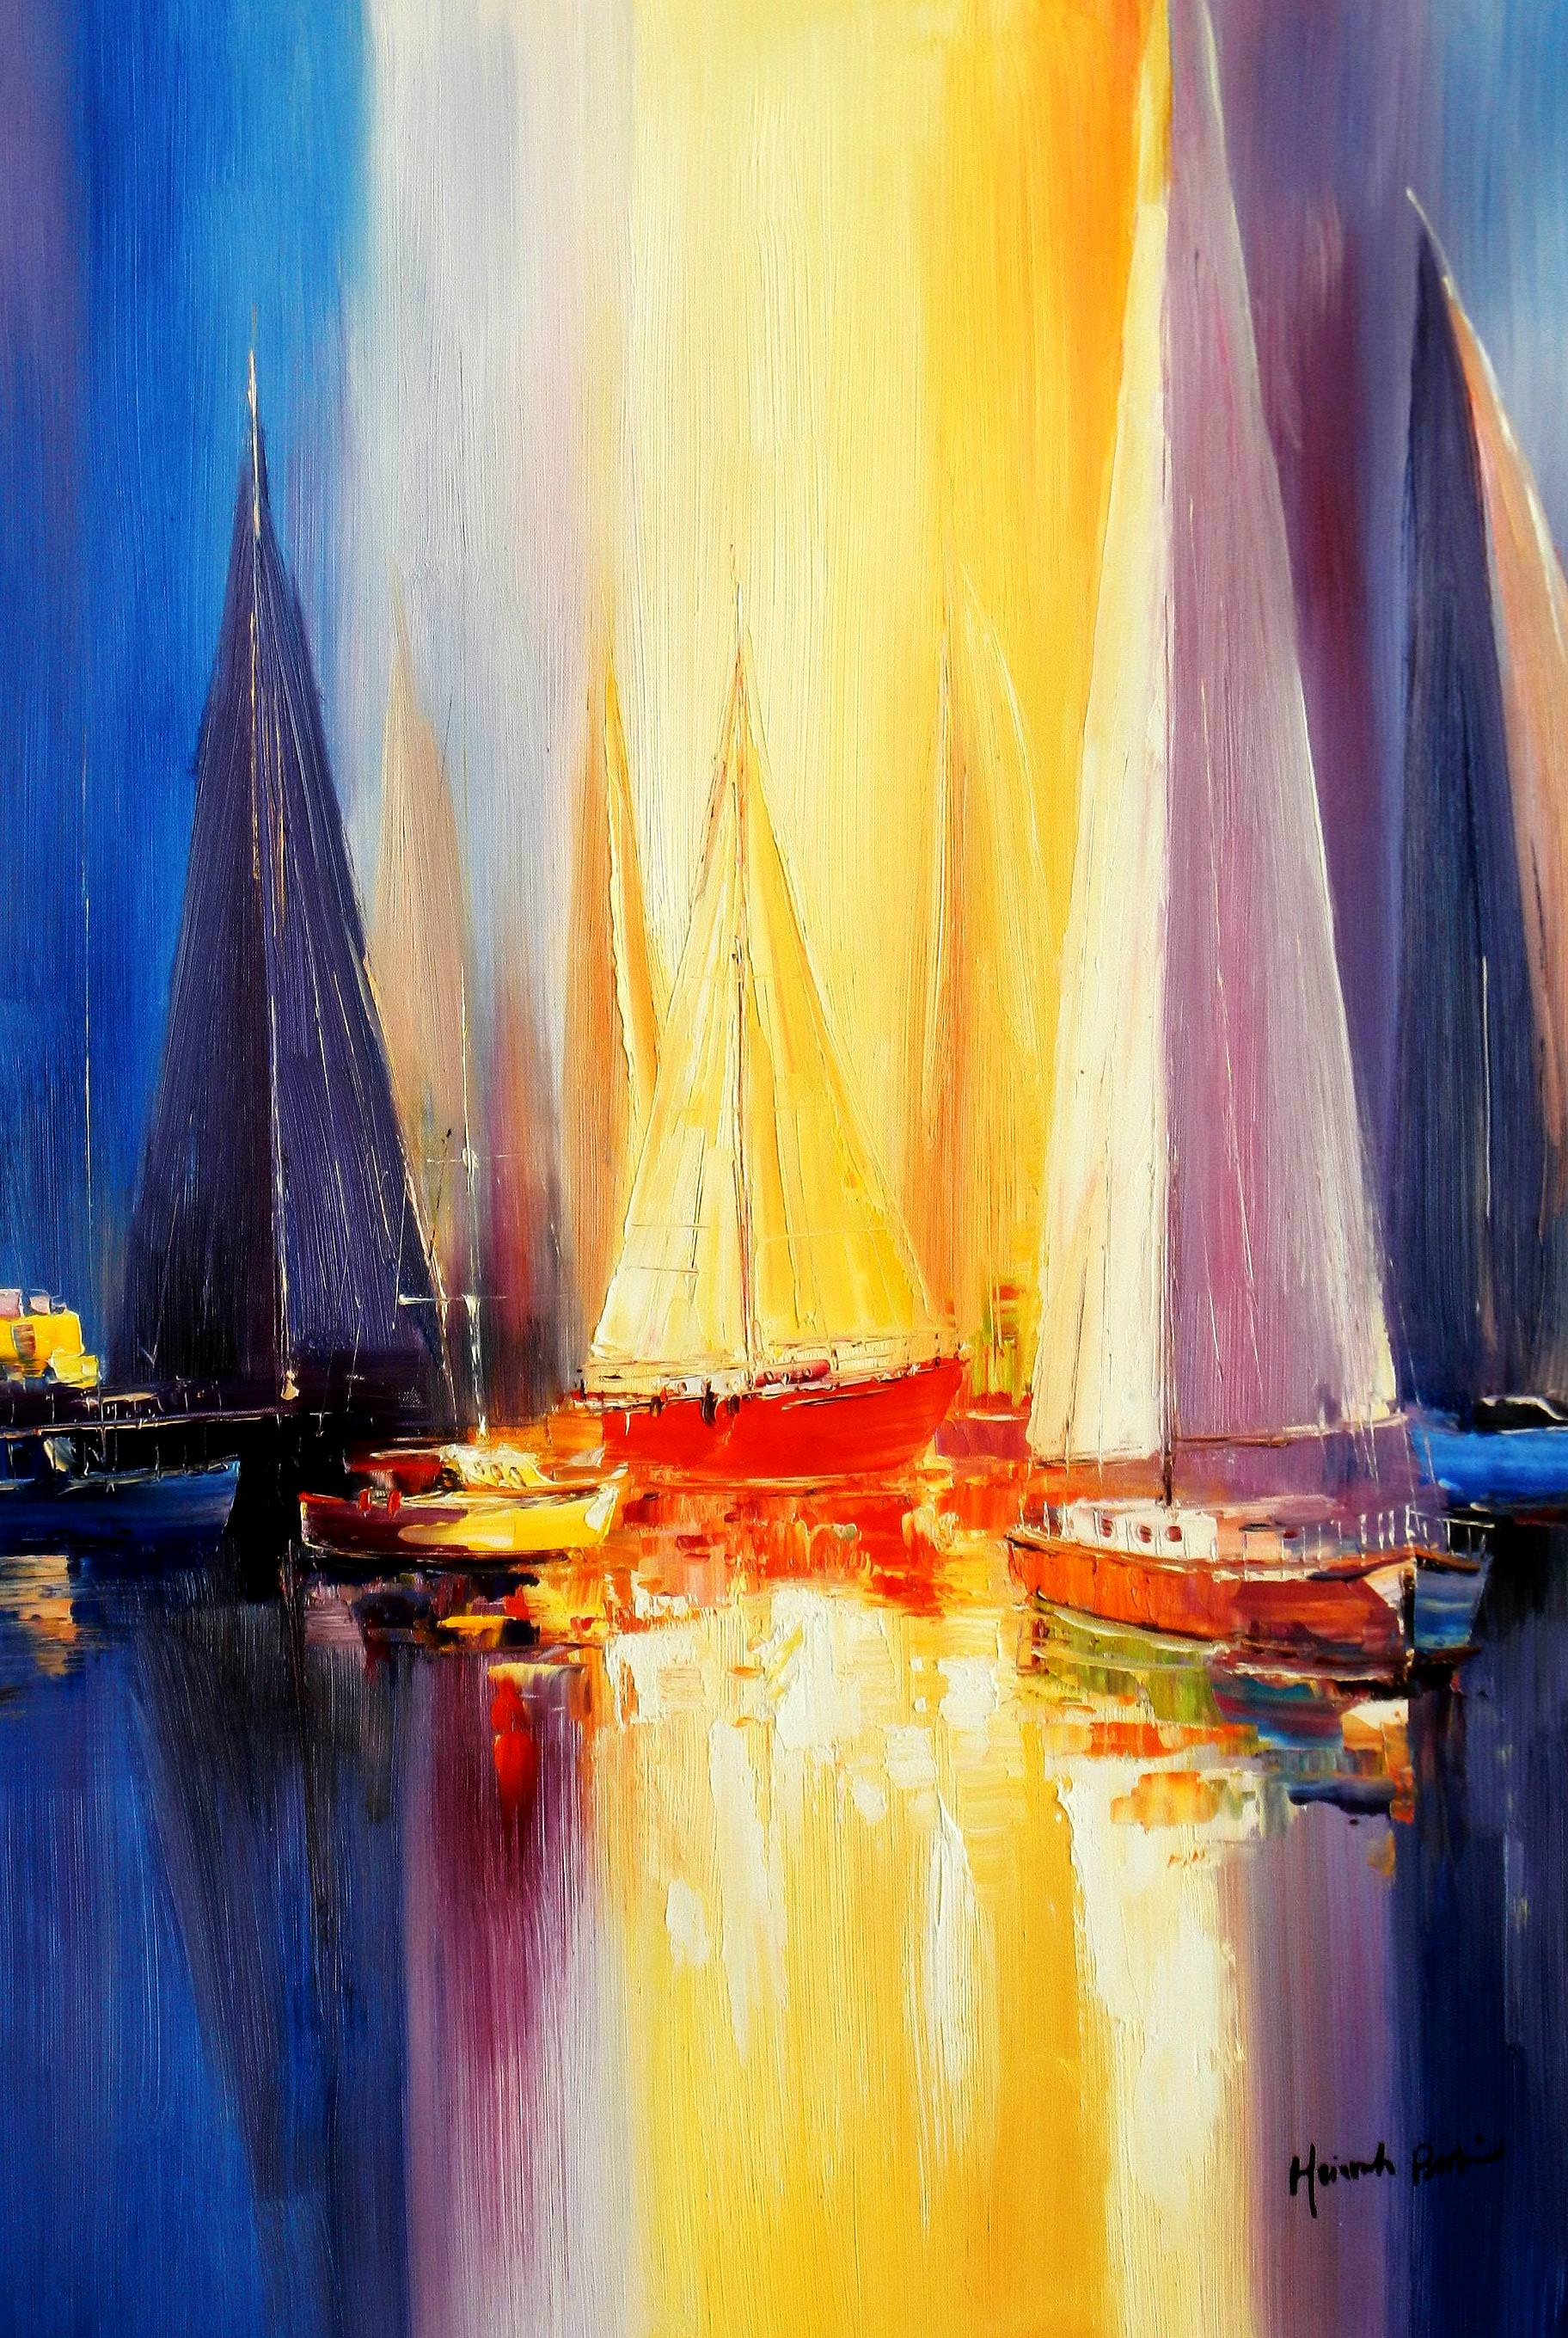 Segelboote auf dem Gardasee d93363 60x90cm modernes Gemälde handgemalt